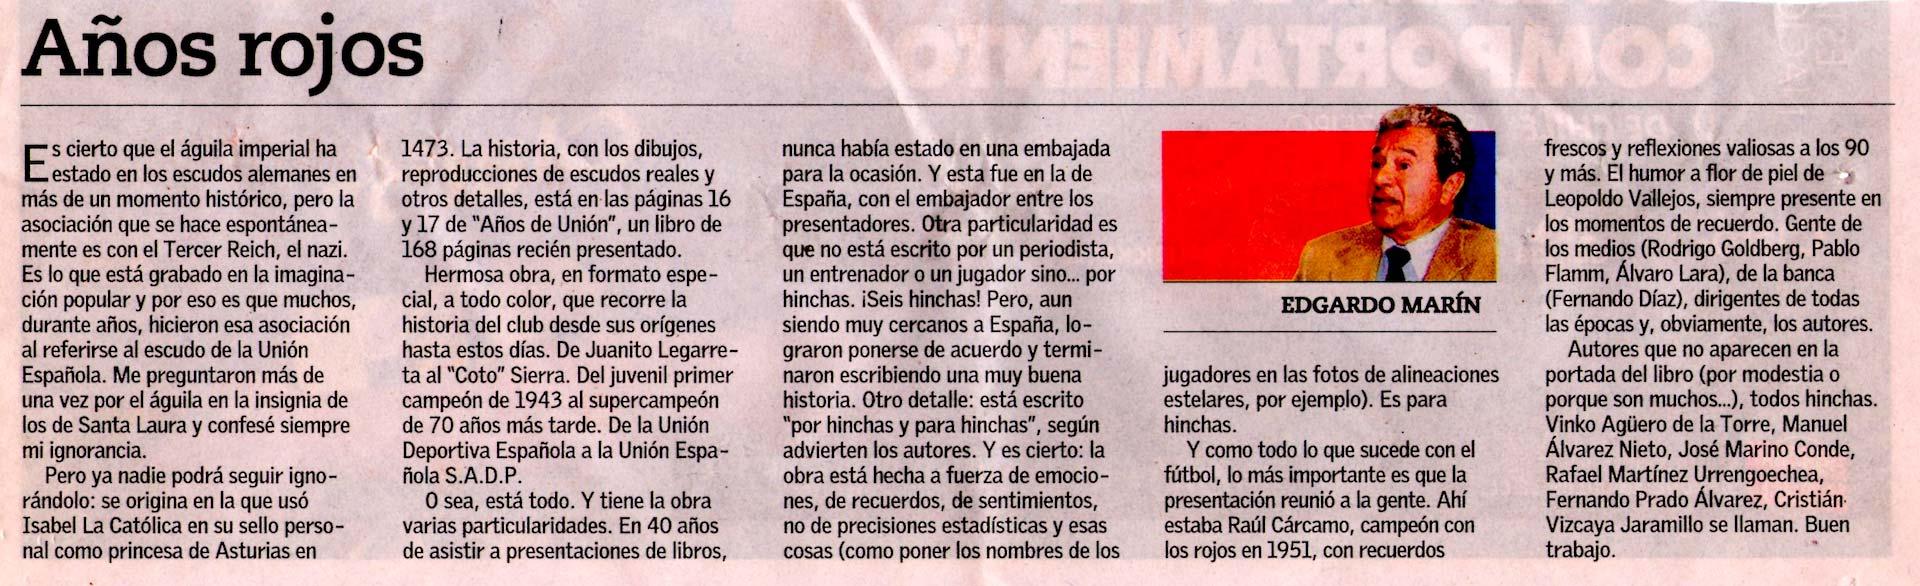 Comentario de Edgardo Marín